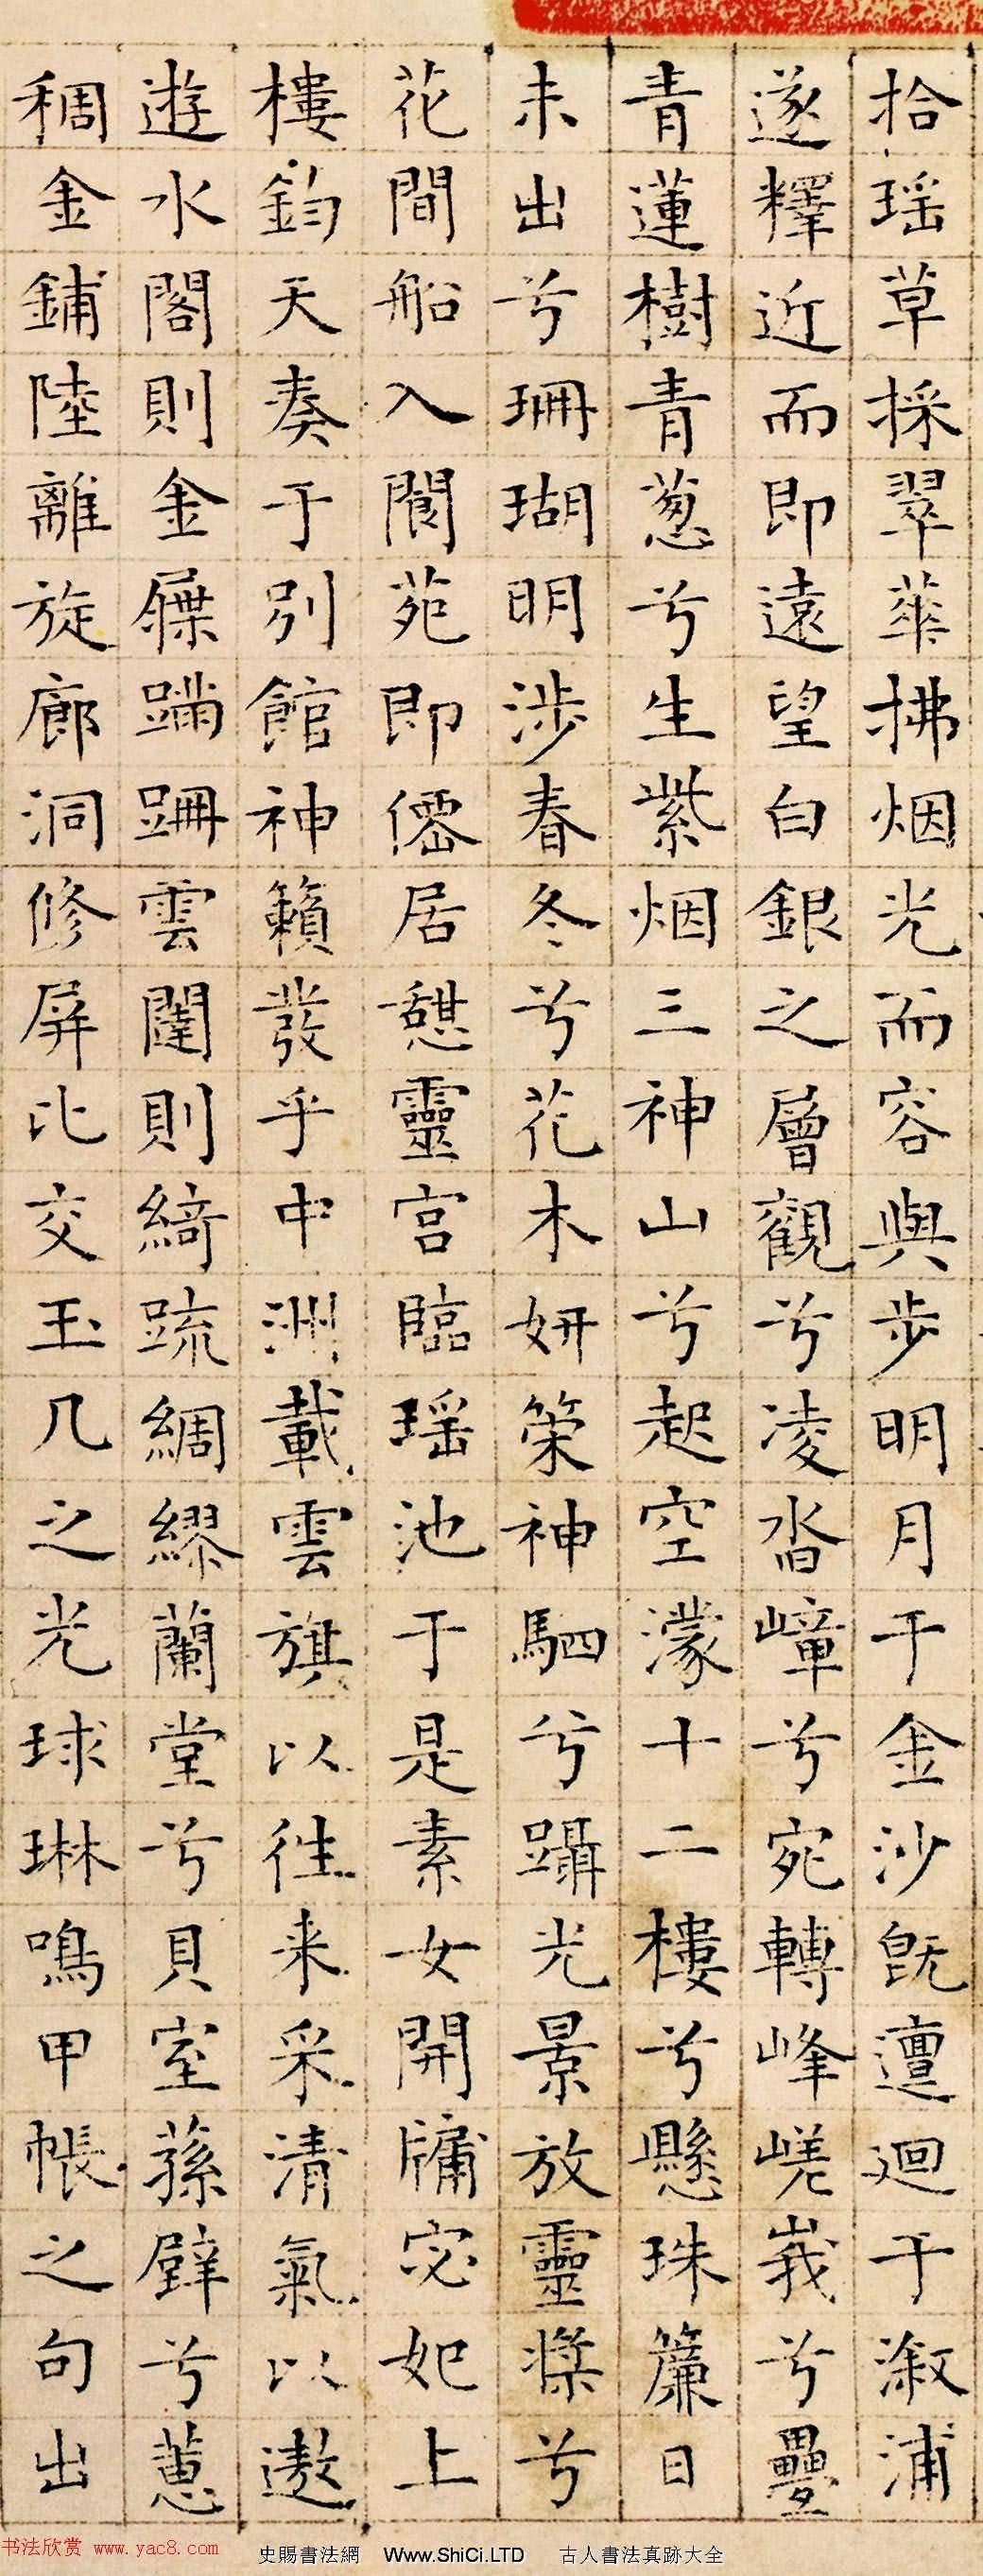 明代陸師道小楷書法《仙山賦》